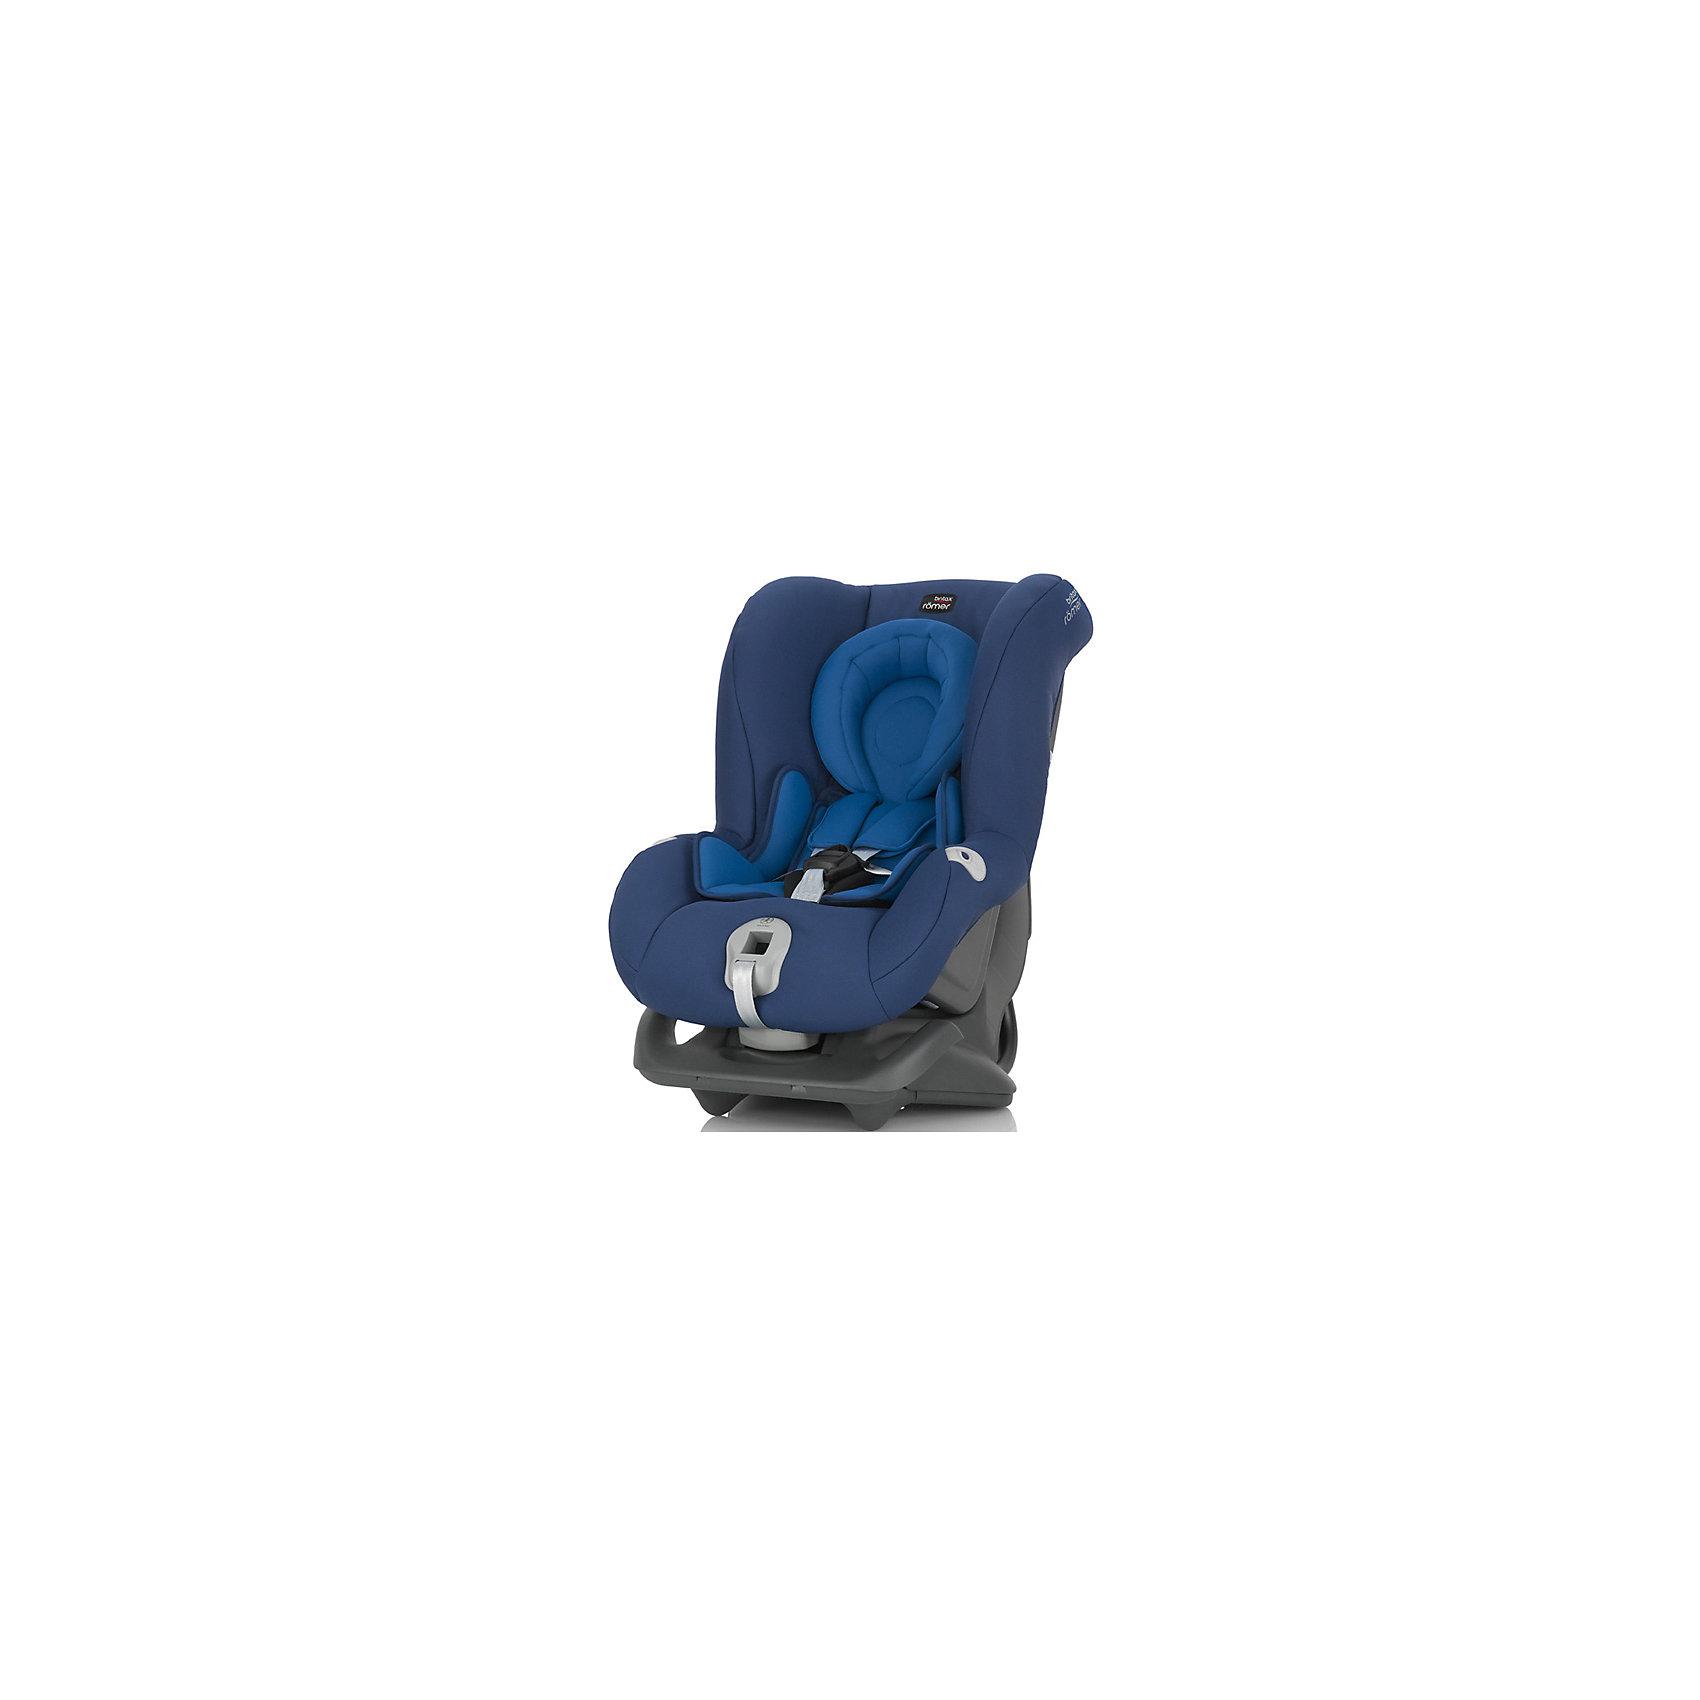 Автокресло Britax Romer FIRST CLASS plus, 0-18 кг, Ocean BlueГруппа 0+, 1 (До 18 кг)<br>Автокресло First Class plus, Britax Roemer - комфортная надежная модель, которая сделает поездку Вашего ребенка приятной и безопасной. Сиденье кресла с мягкой вставкой для новорожденных и большим закругленным подголовником обеспечивает комфорт во время длительных поездок. По мере подрастания ребенка вставку можно убрать, увеличив тем самым размер сиденья. Спинка сиденья фиксируется в нескольких положениях (для сна, отдыха и бодрствования), что позволяет выбрать наиболее удобное для ребенка. Кресло оснащено регулируемыми 5-точечными ремнями безопасности с мягкими плечевыми накладками и централизованной регулировкой натяжения. Глубокие боковины с мягкими вставками обеспечивают оптимальную защиту при боковых ударах, а уникальный регулятор наклона уменьшает смещение вперед в случае столкновения.<br><br>Автокресло легко и надежно фиксируется при помощи штатных ремней безопасности. Для малышей весом до 13 кг. автокресло устанавливается на заднем сиденье лицом против движения авто, для малышей от 9 до18 кг. кресло устанавливается лицом по ходу движения автомобиля.<br>В нижней части автокресла имеется специальный упор для компенсации неровности автомобильного сиденья. Обивка кресла изготовлена из высококачественных материалов, съемные тканевые чехлы можно стирать в машинке при деликатном режиме стирки. Автокресло имеет стандарт безопасности ECE R 44/04. Рассчитано на детей от 0 до 3-4 лет, весом 0-18 кг.<br><br>Дополнительная информация:<br><br>- Цвет: Ocean Blue. <br>- Материал: текстиль, пластик.<br>- Размер (ДхШхВ): 59 х 45 х 65 см. <br>- Вес: 8,4 кг.<br><br>Автокресло FIRST CLASS plus, 0-18 кг., Britax Roemer, Ocean Blue, можно купить в нашем интернет-магазине.<br><br>Ширина мм: 590<br>Глубина мм: 450<br>Высота мм: 650<br>Вес г: 12000<br>Возраст от месяцев: 0<br>Возраст до месяцев: 15<br>Пол: Унисекс<br>Возраст: Детский<br>SKU: 4722136